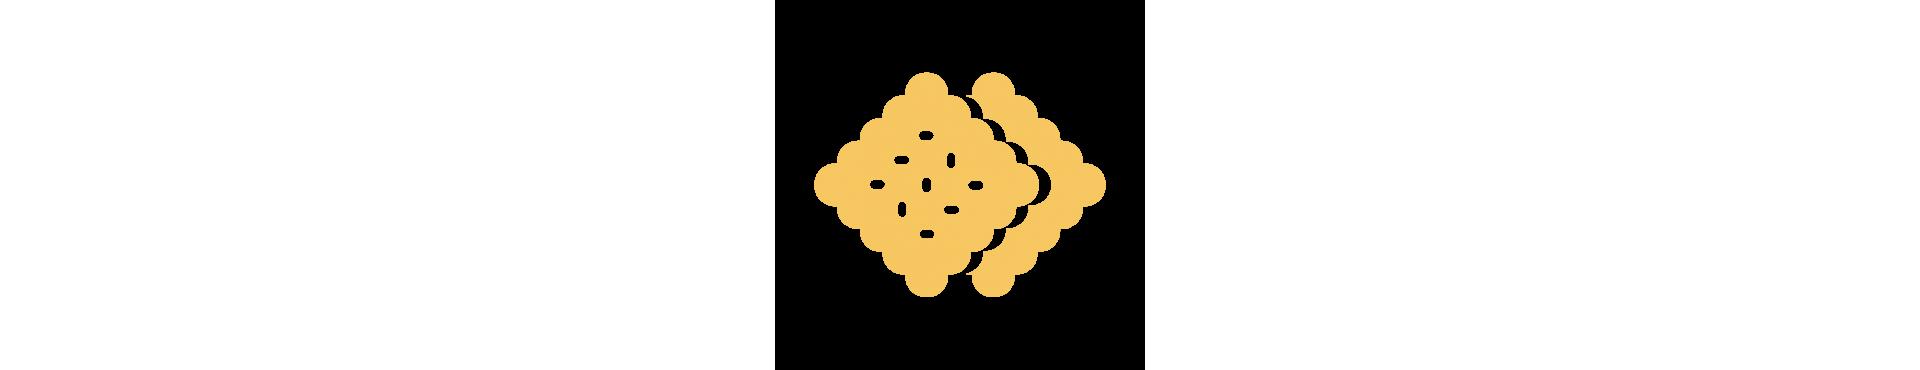 Biscotti da tè artigianali